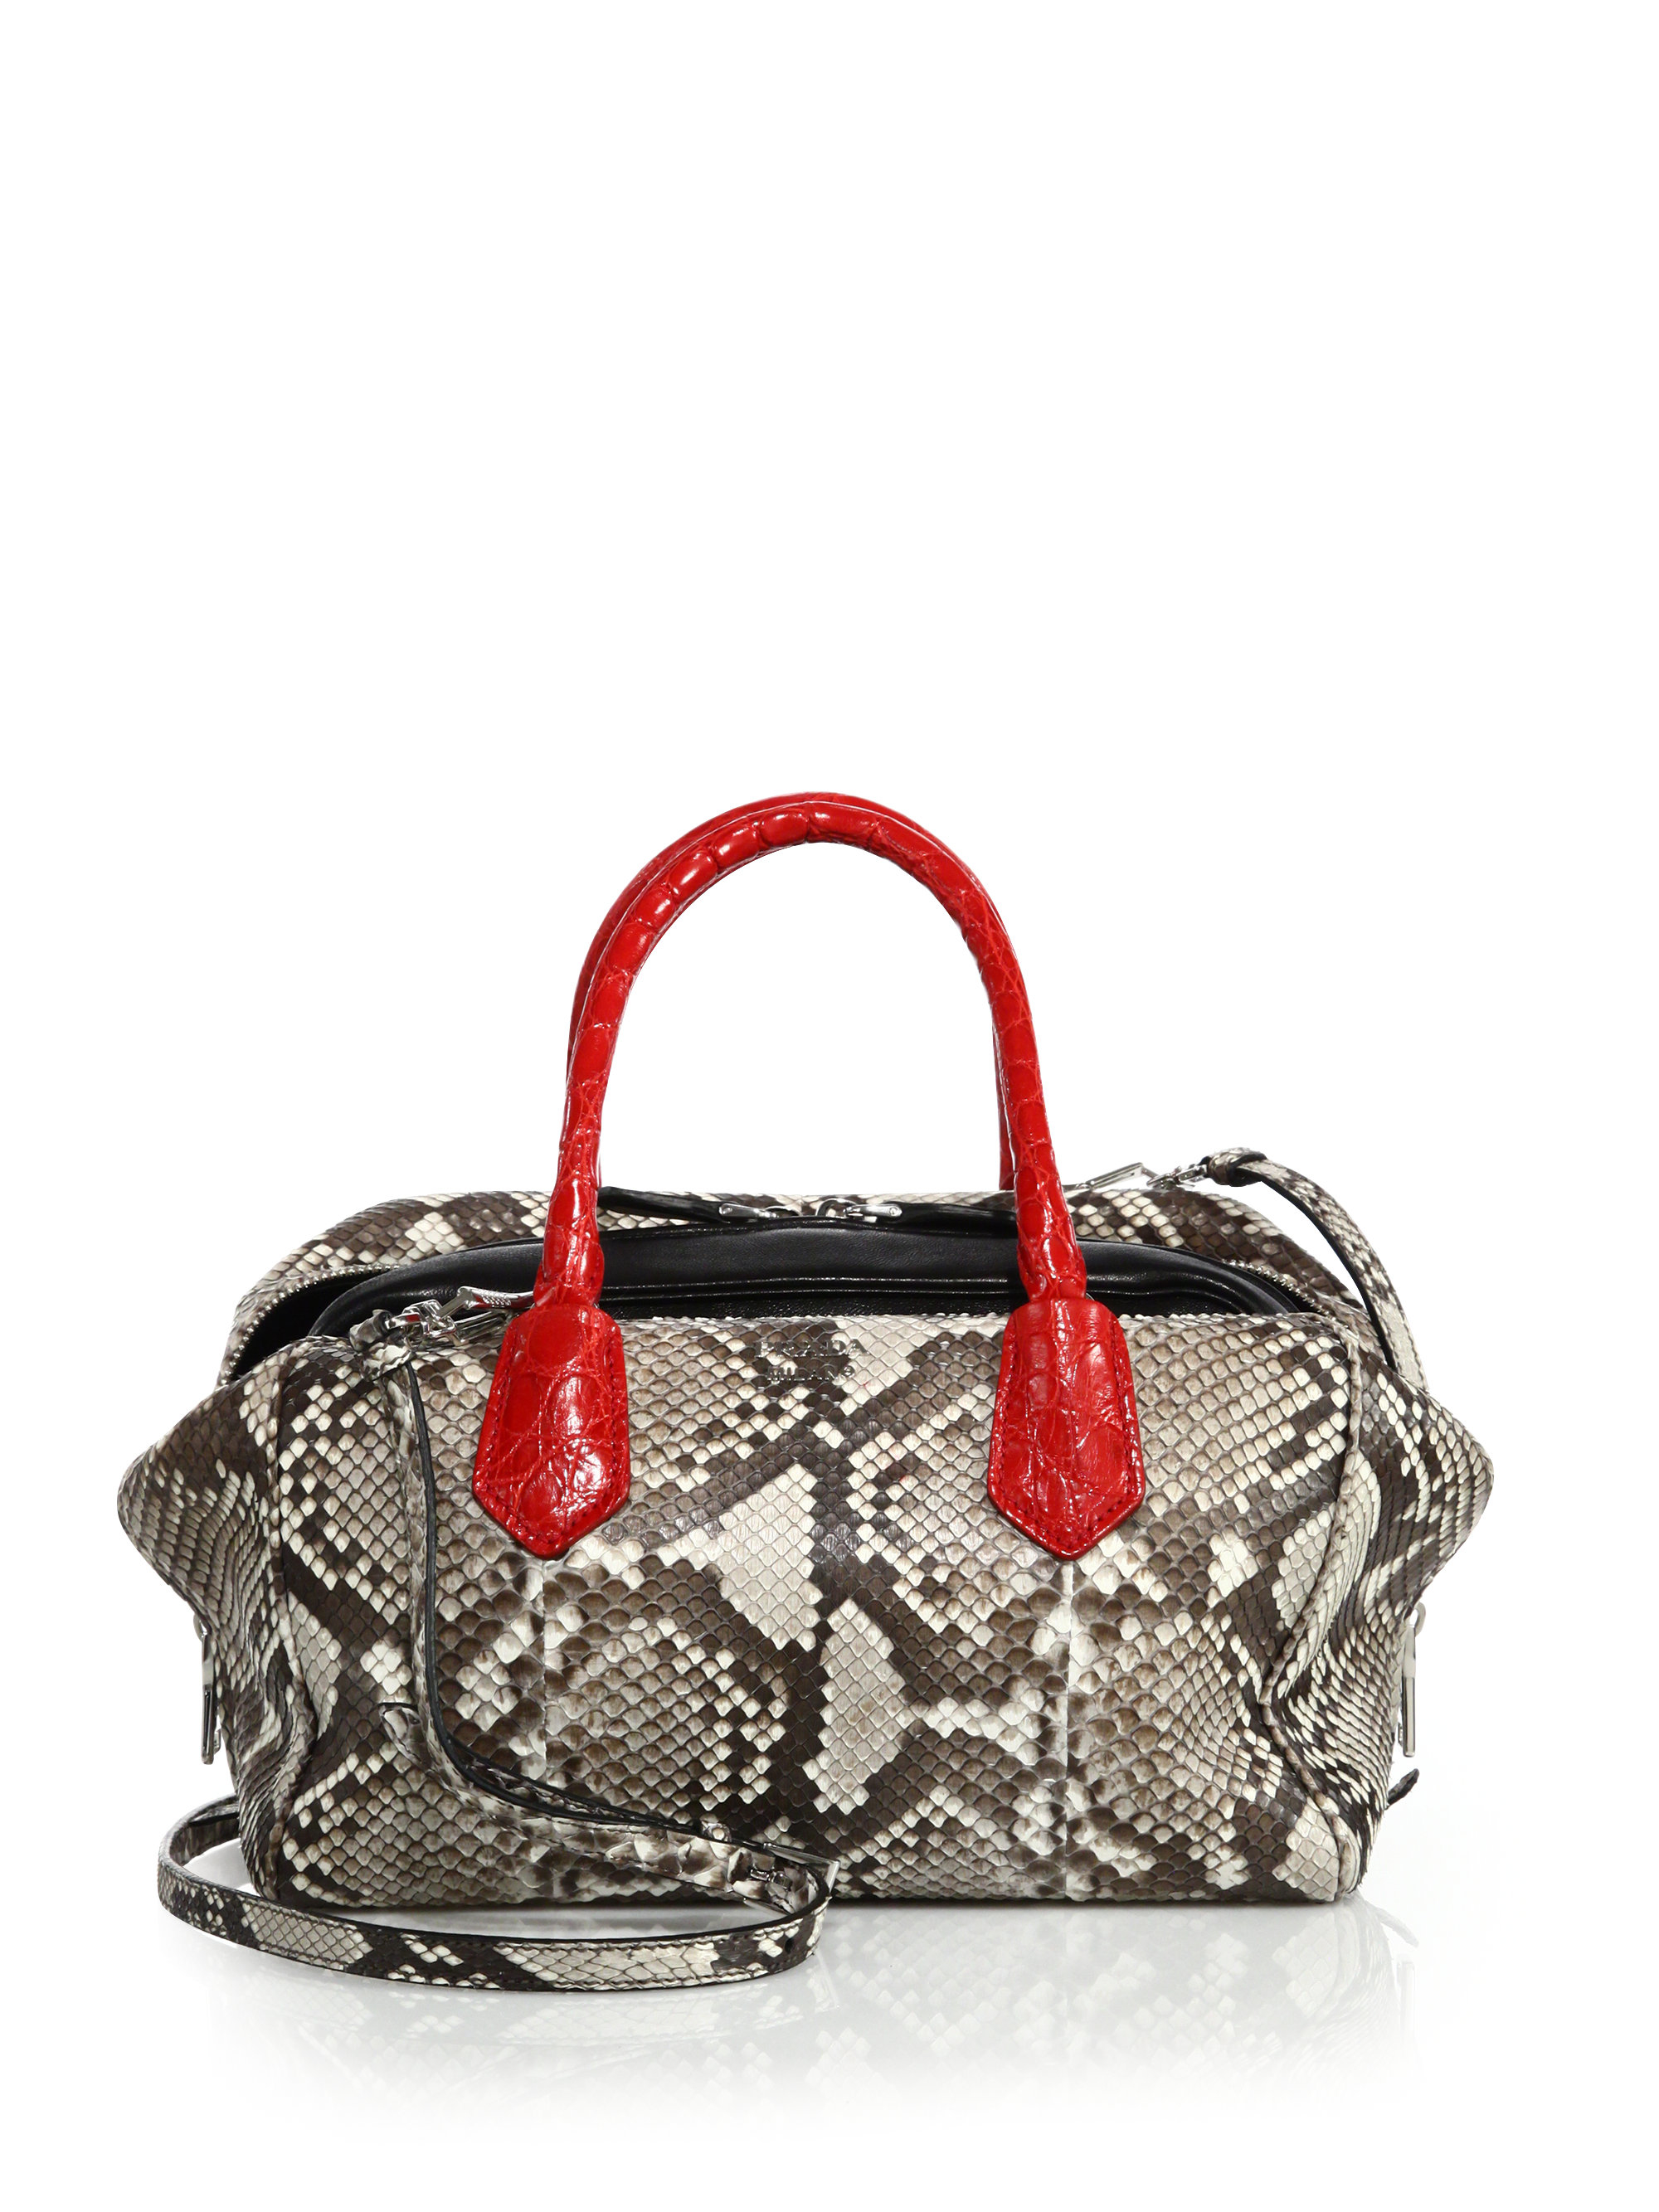 204bcf648eb8b5 Prada Python & Crocodile Inside Bag in Red - Lyst